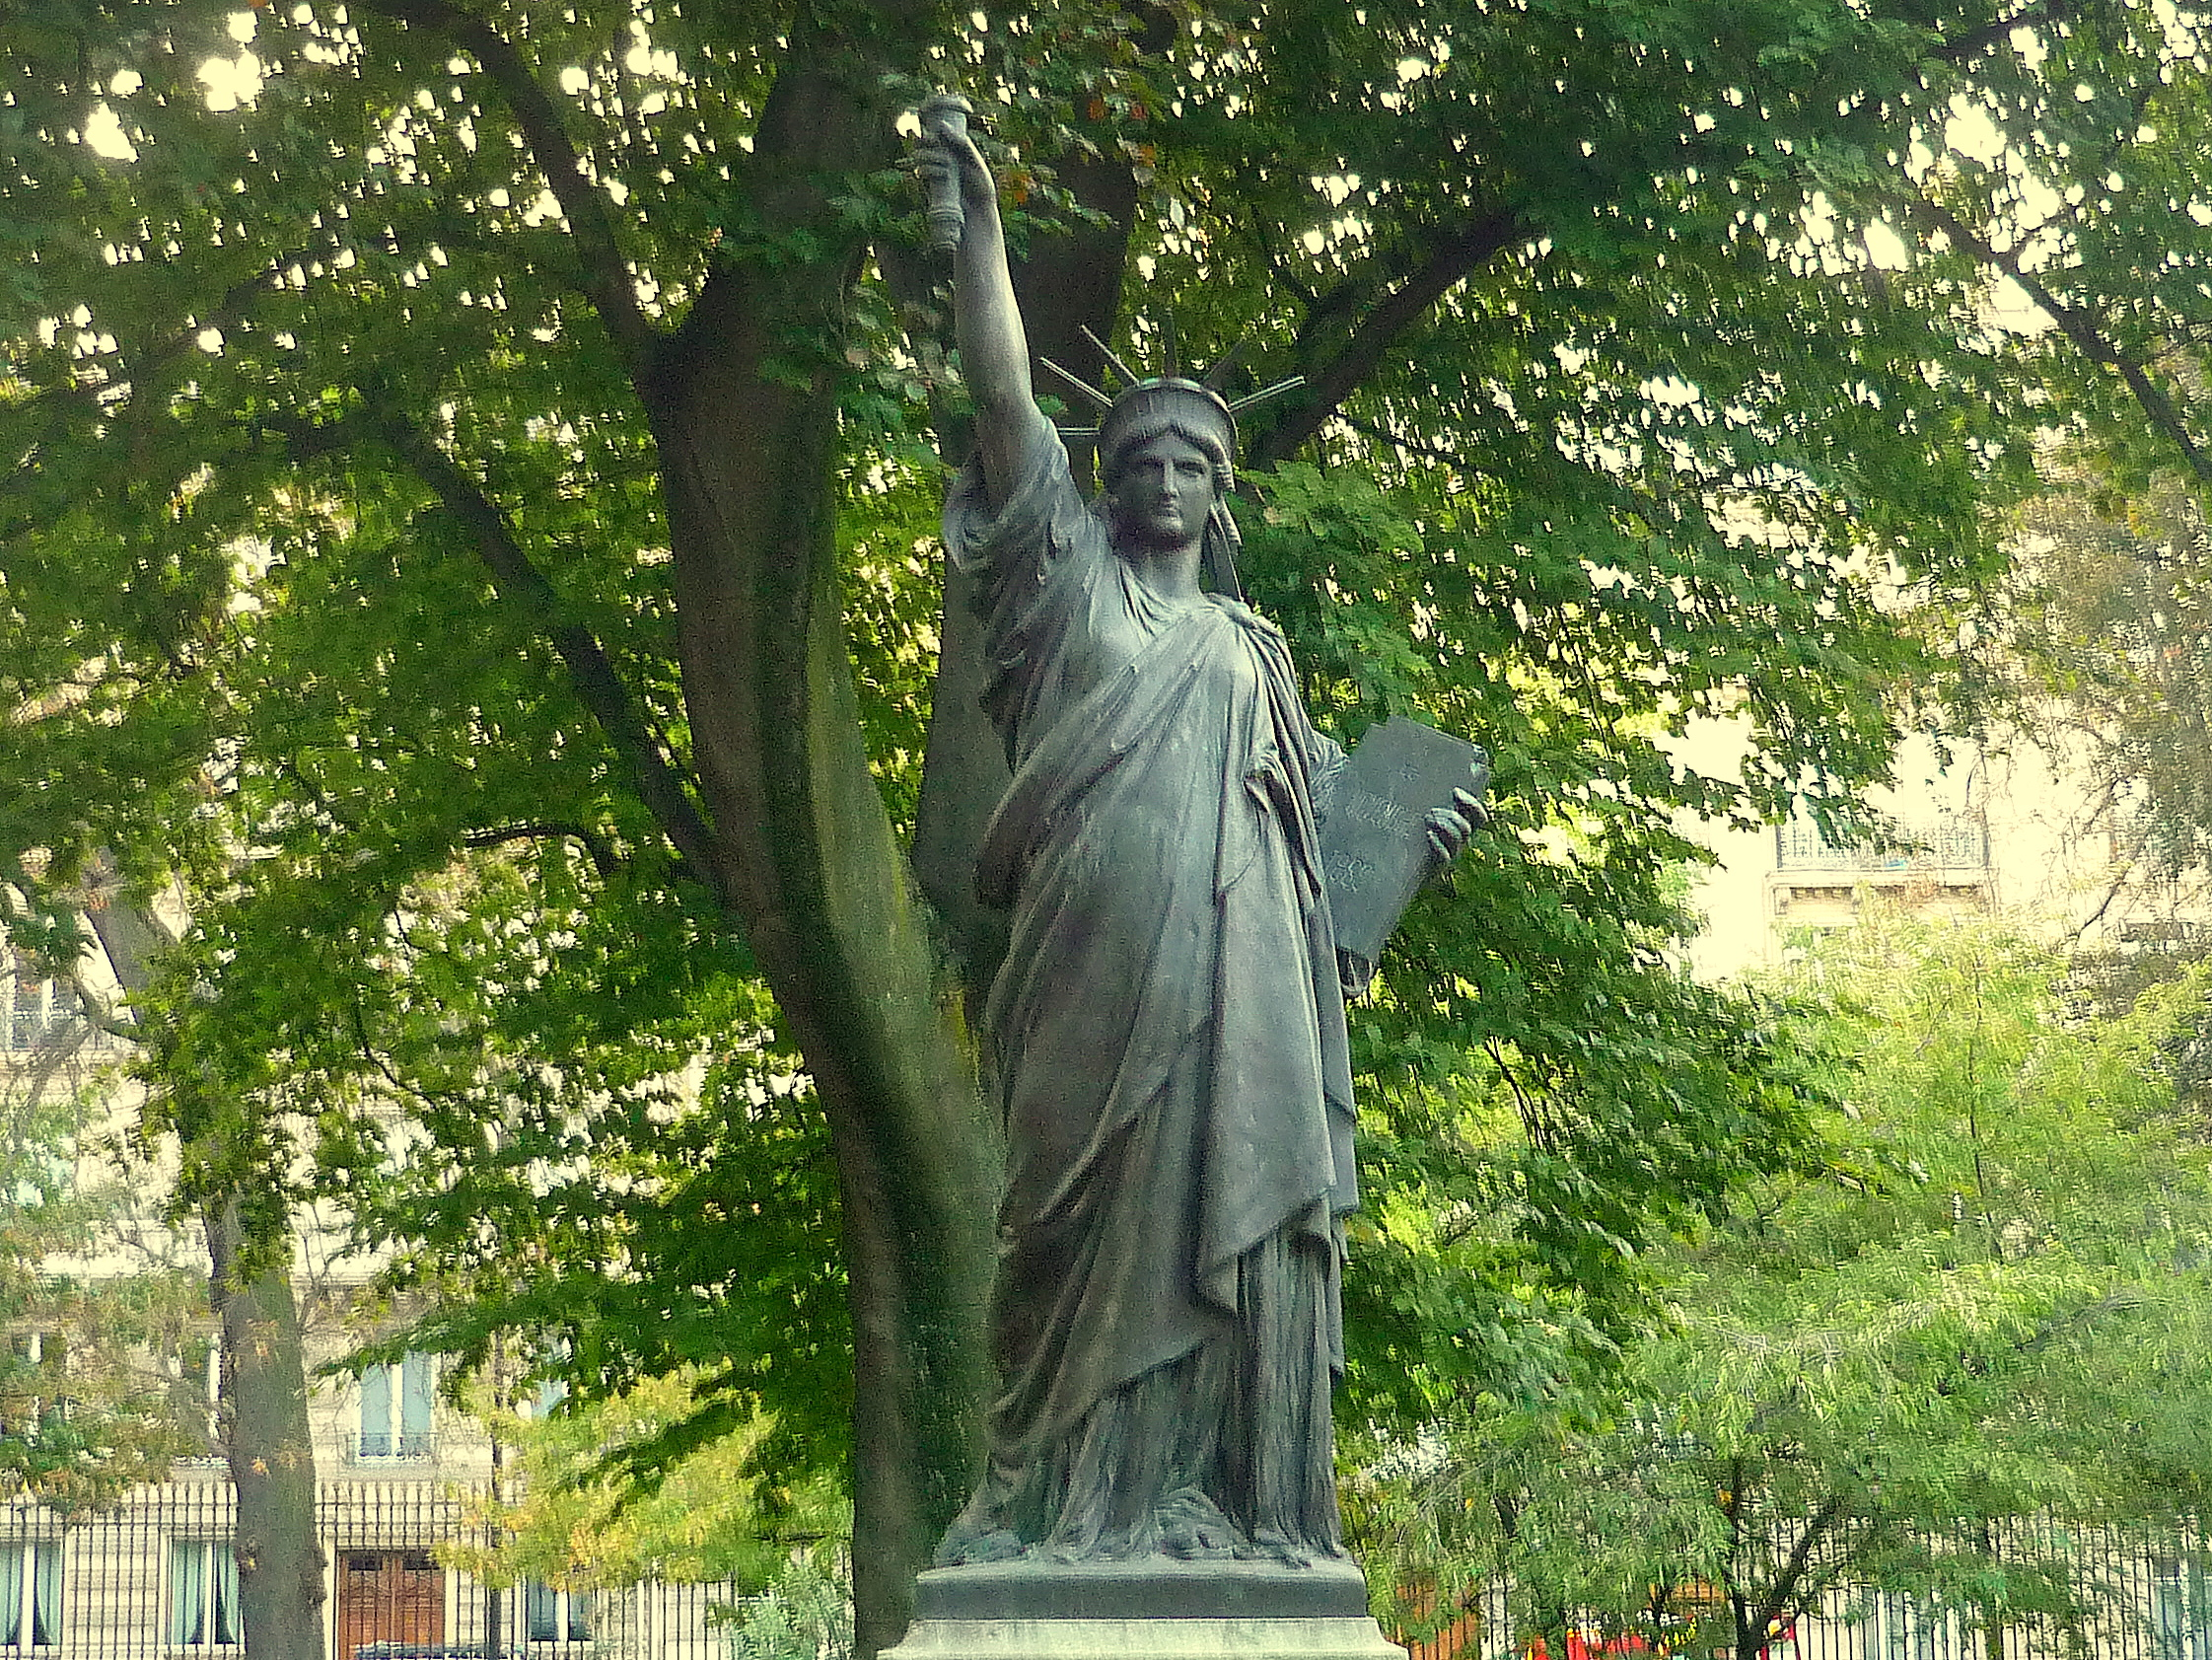 Le Jardin Du Thé Grenoble Inspirant La Statue De La Liberté Symbole De L Amitié Franco Of 73 Frais Le Jardin Du Thé Grenoble